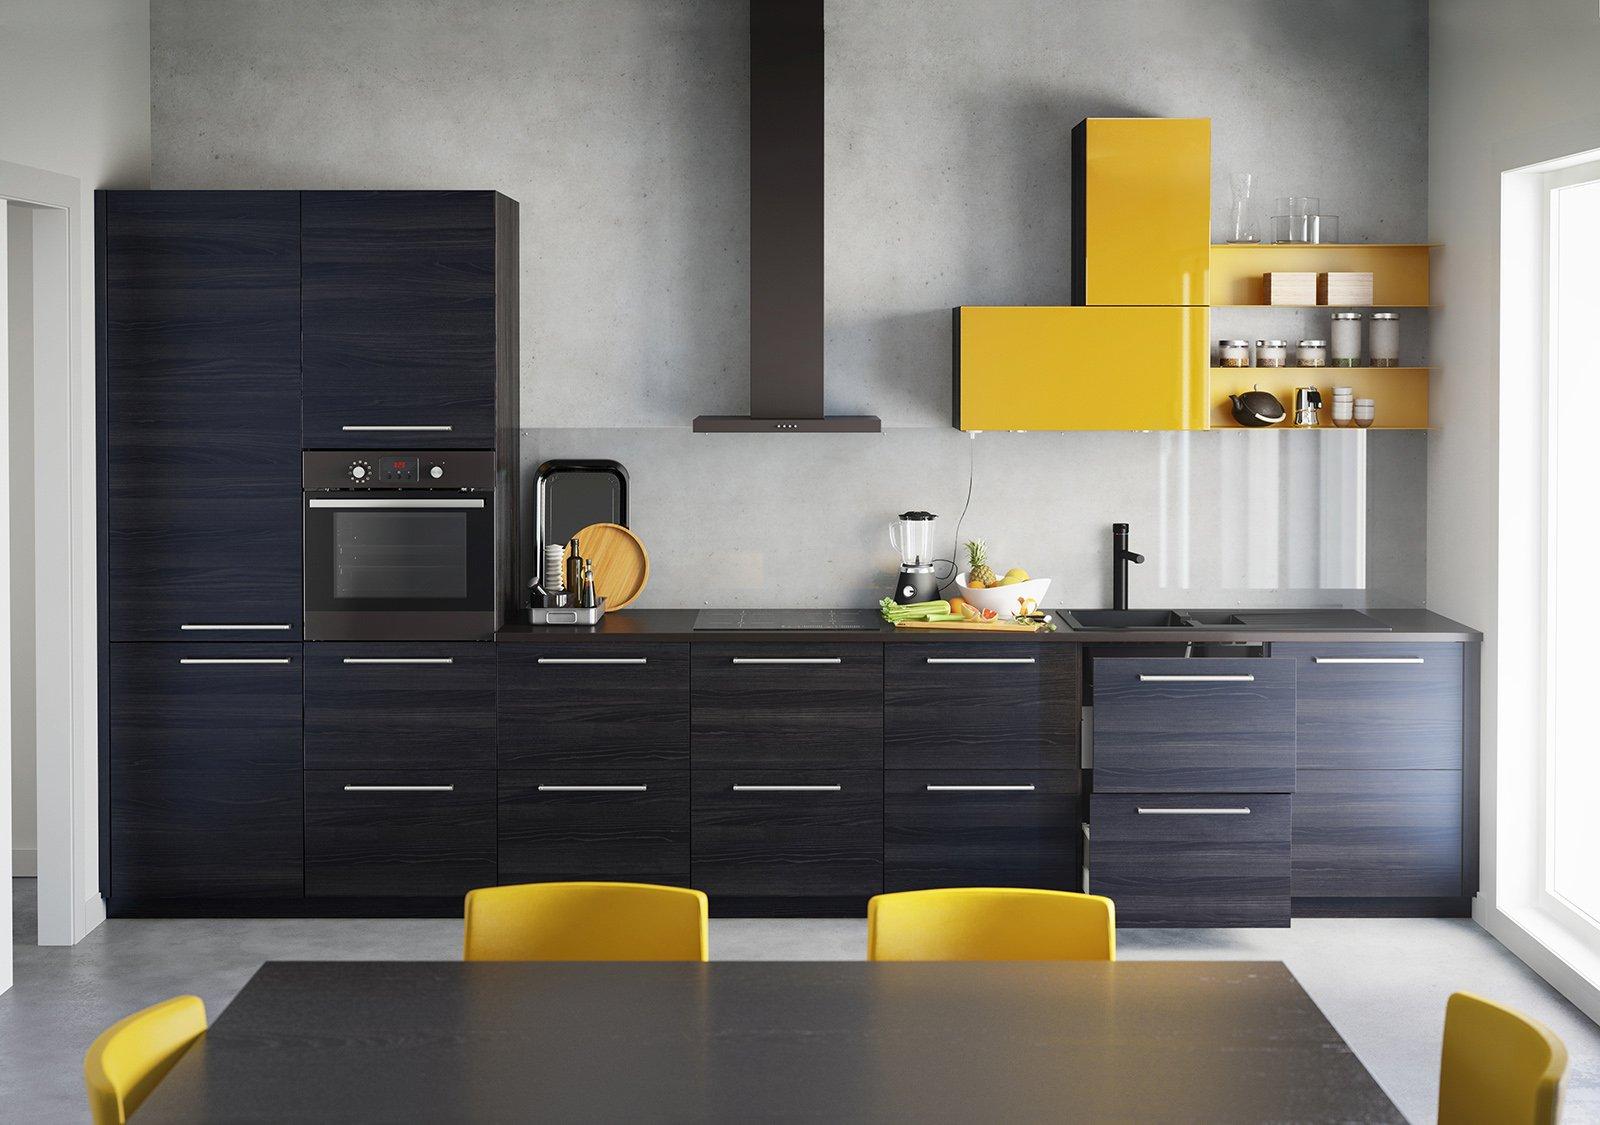 Cucine Ikea Usate ~ avienix.com for .